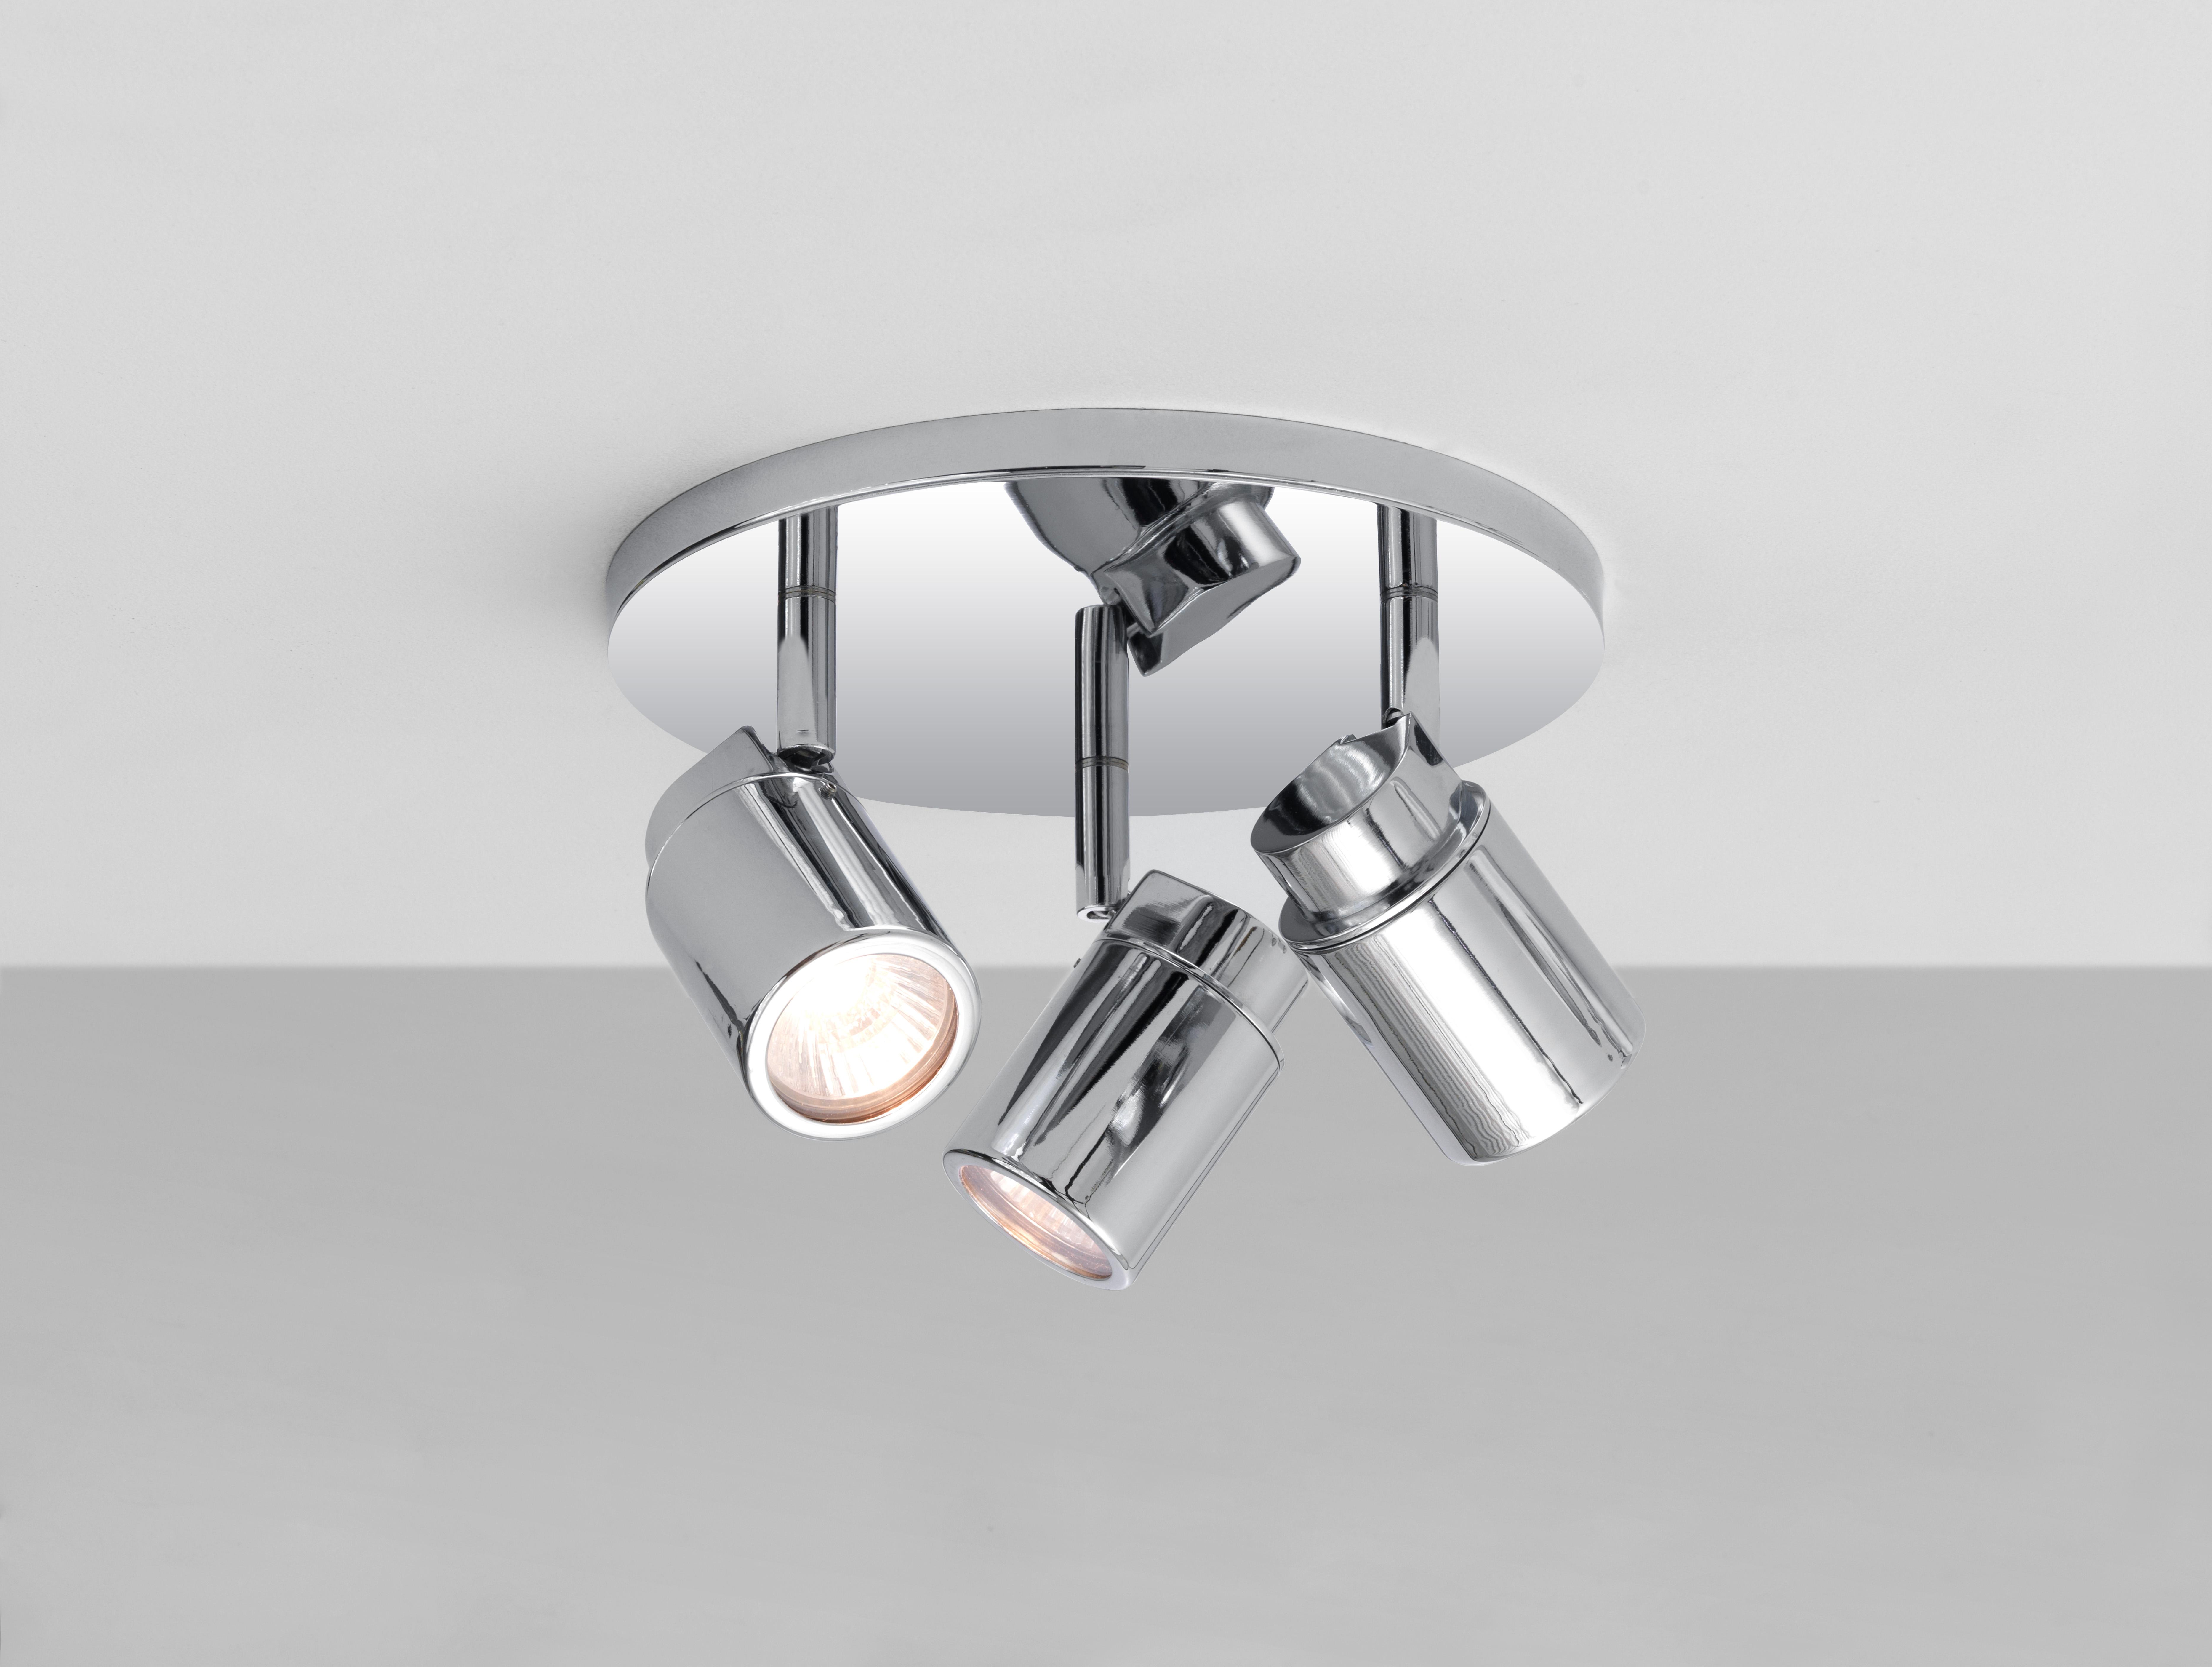 Astro 1282002 Como Spotlight GU10 IP44